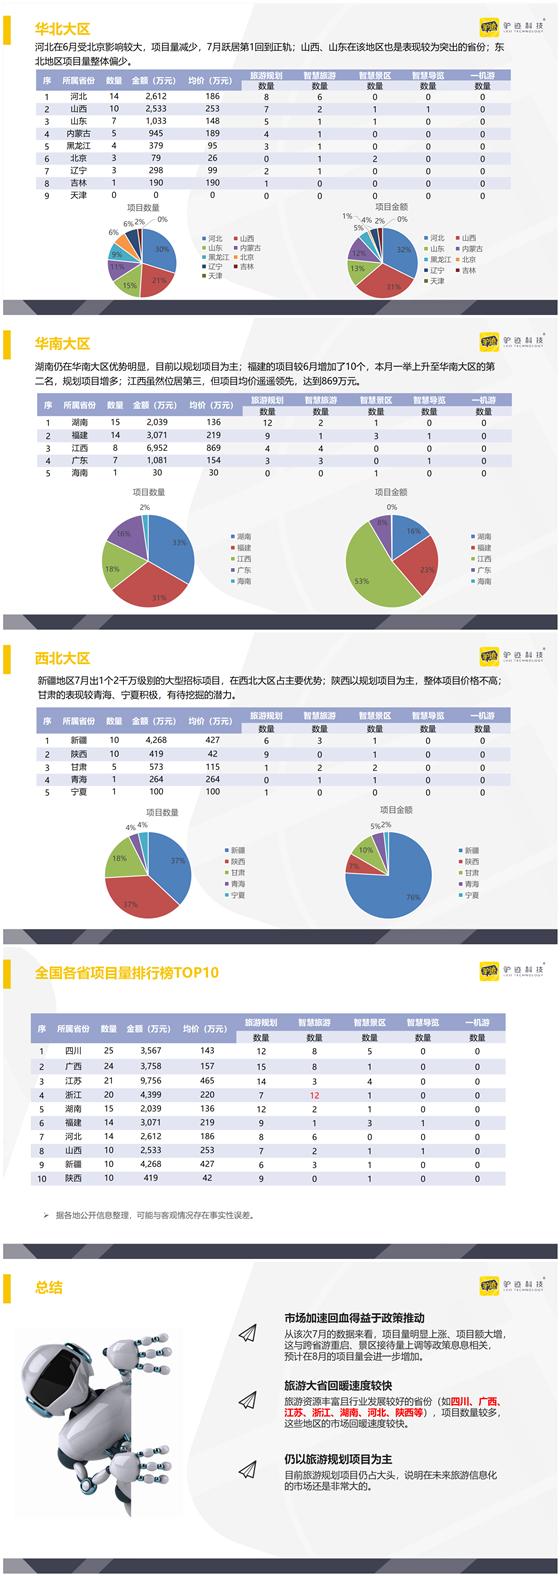 2020年7月全国旅游行业招标信息调研-4.png